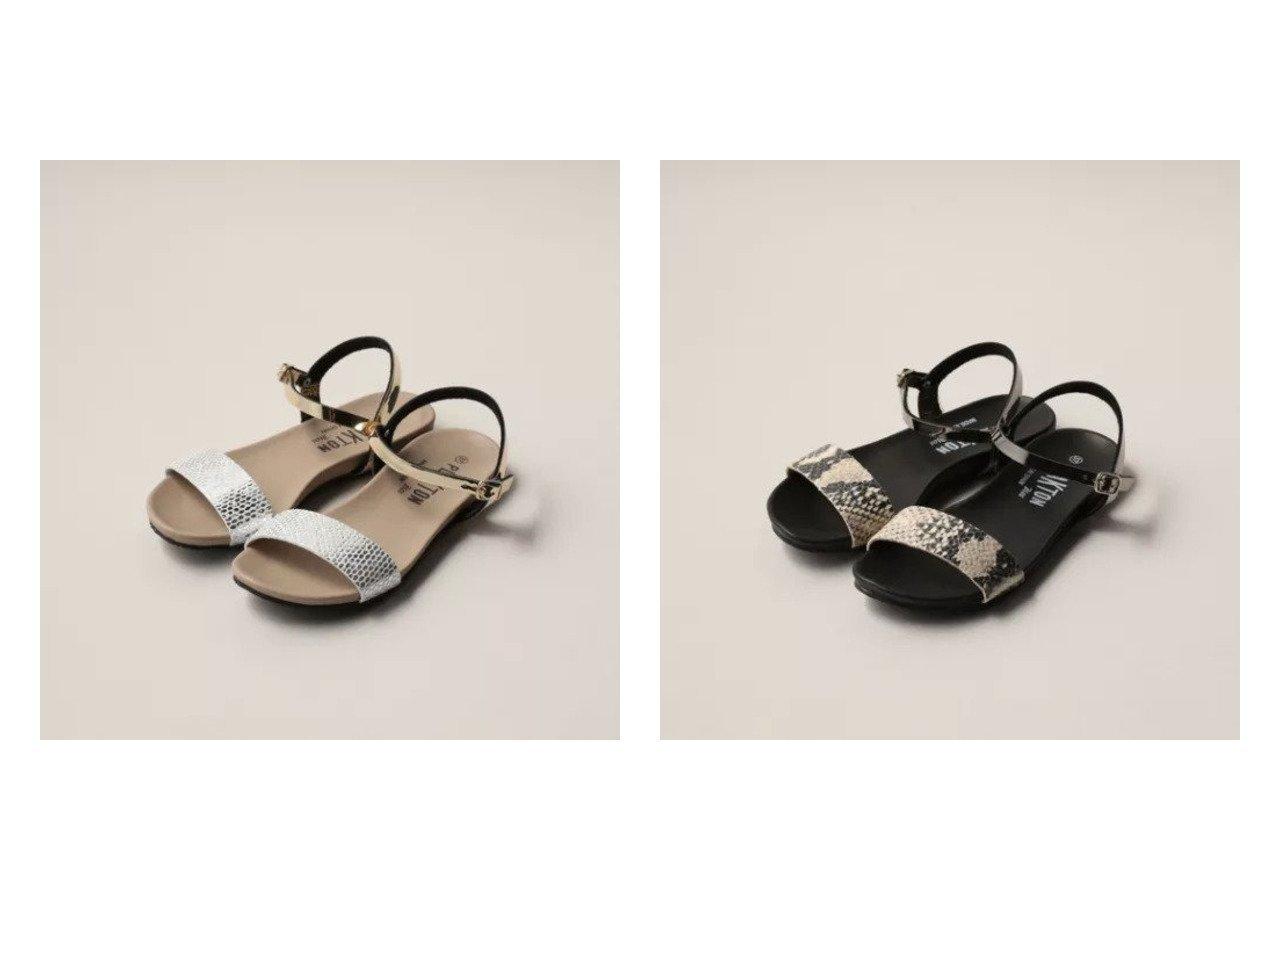 【Odette e Odile/オデット エ オディール】のPLAKTON PLN-ST SD 【シューズ・靴】おすすめ!人気、トレンド・レディースファッションの通販 おすすめで人気の流行・トレンド、ファッションの通販商品 インテリア・家具・メンズファッション・キッズファッション・レディースファッション・服の通販 founy(ファニー) https://founy.com/ ファッション Fashion レディースファッション WOMEN サンダル シューズ ストラップサンダル フラット |ID:crp329100000045543